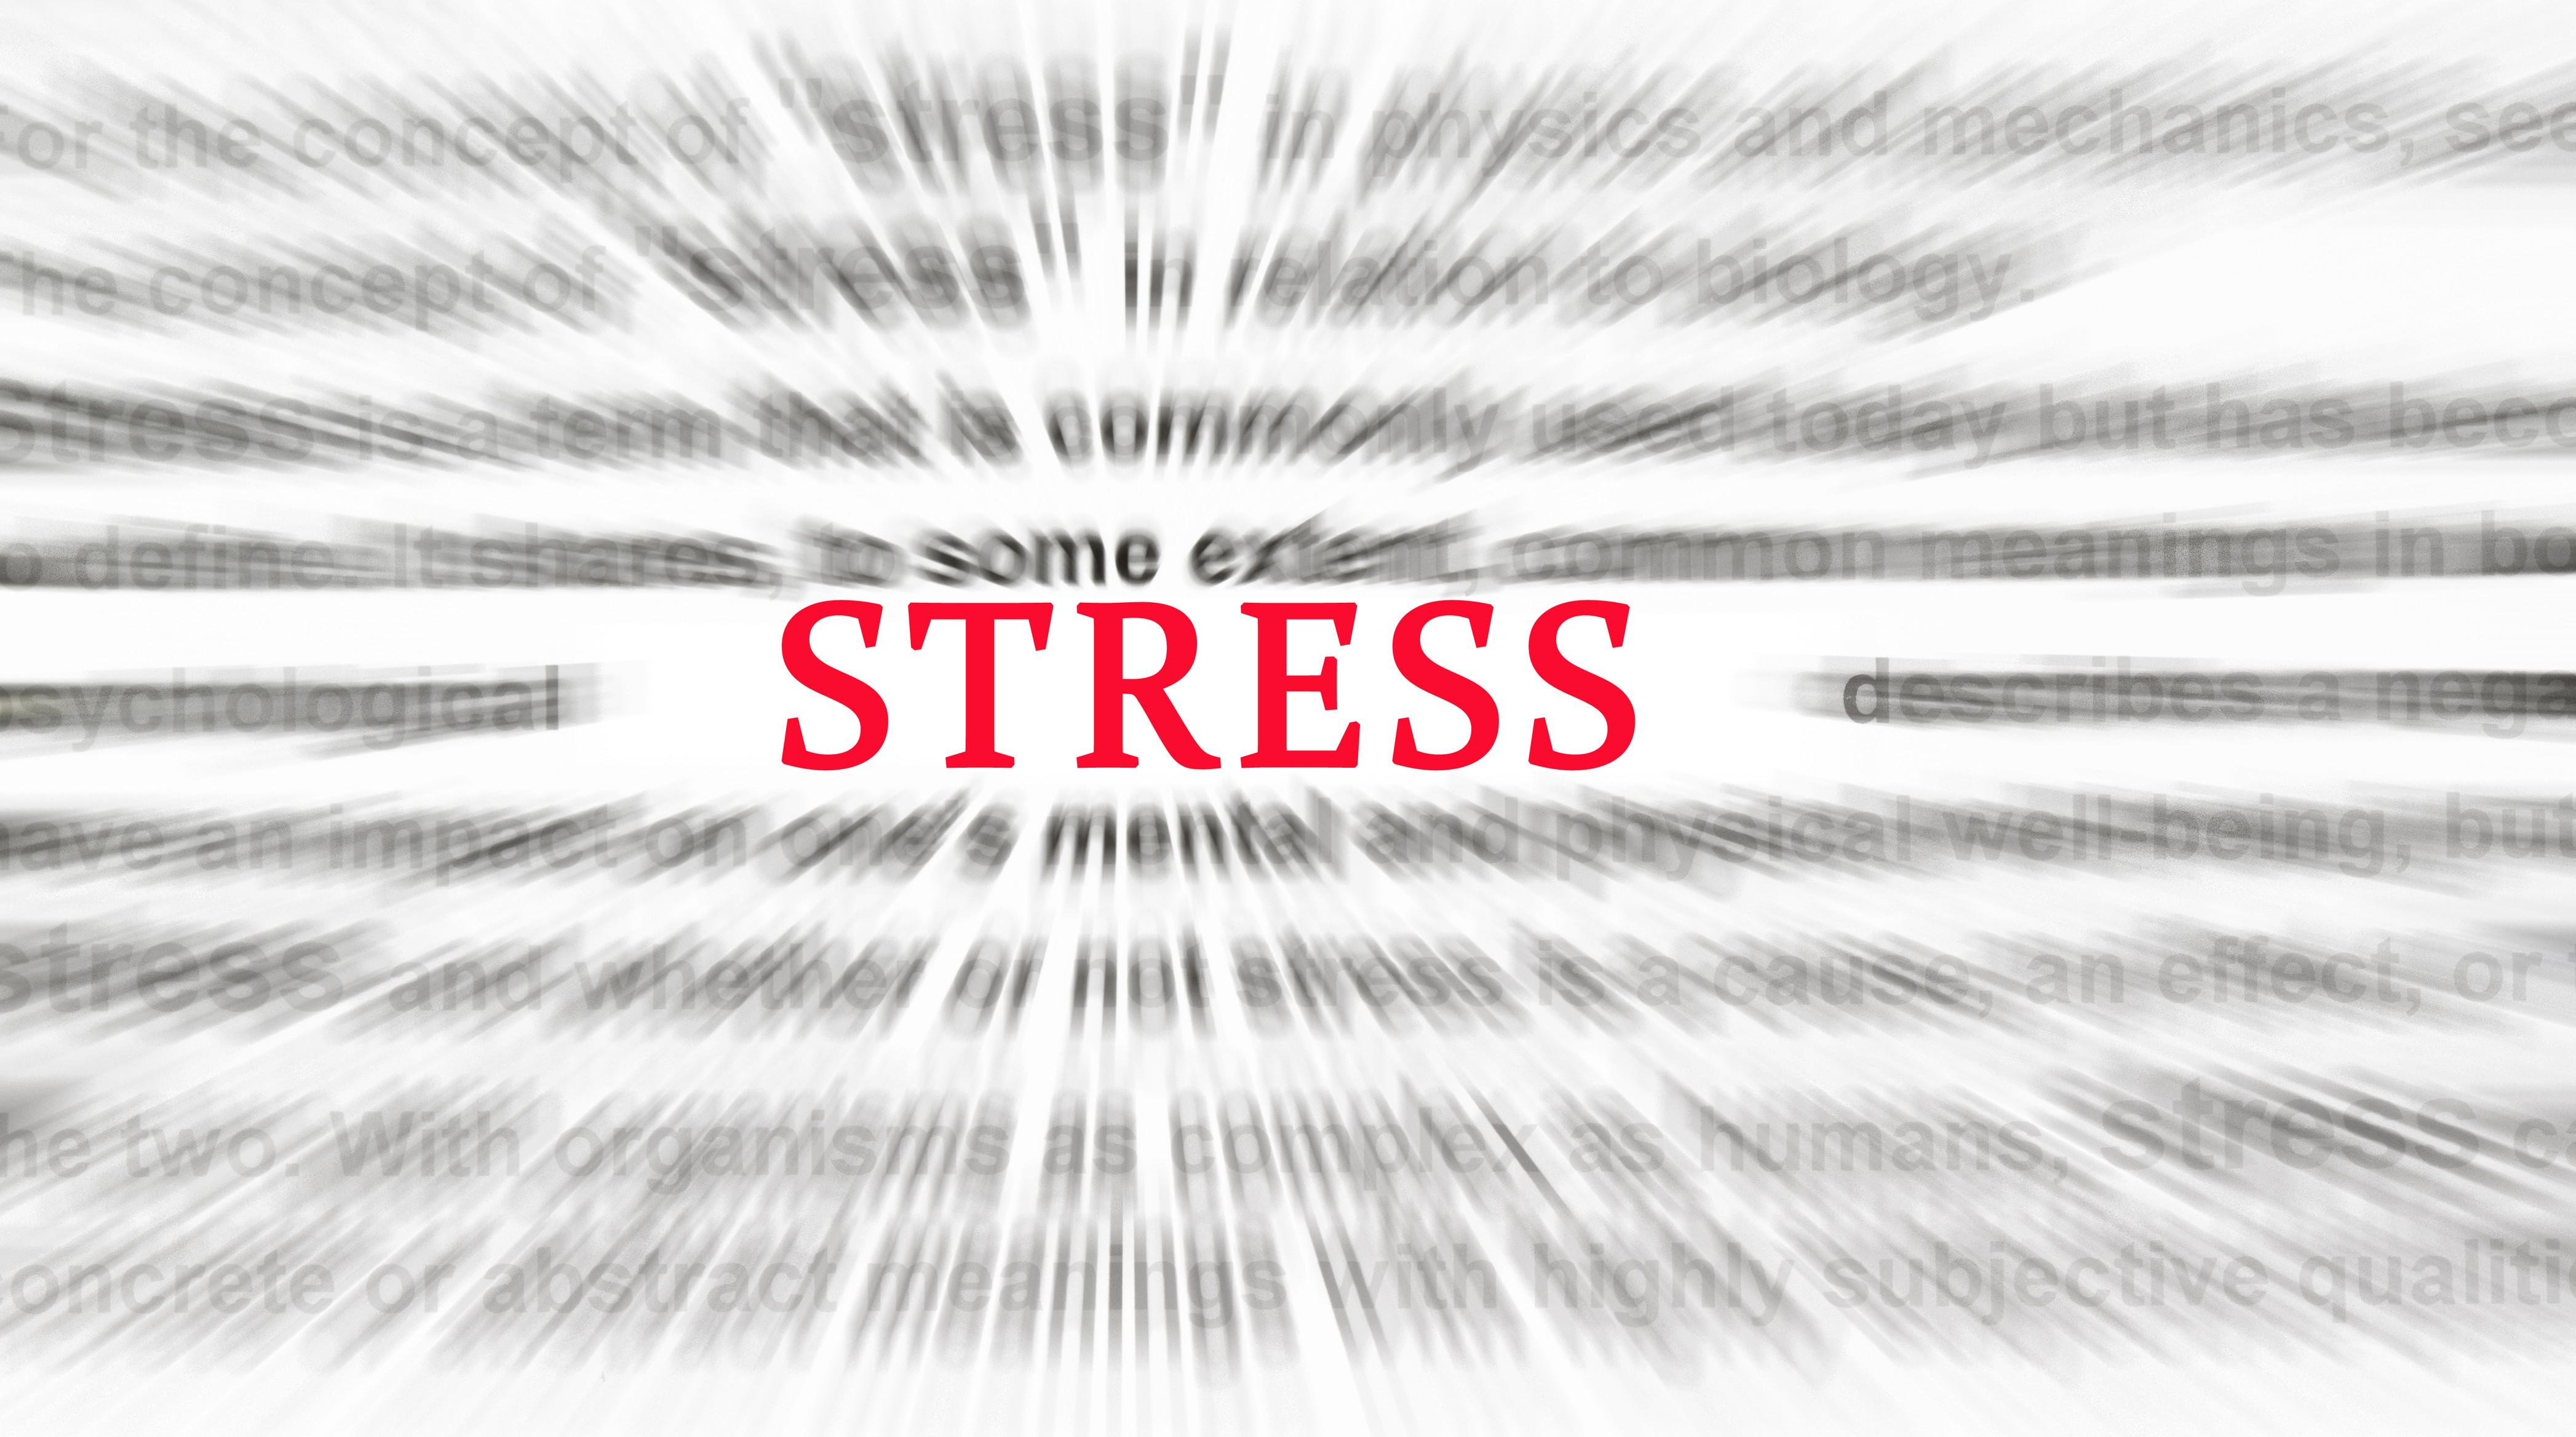 Stress als Ursache von Nebennierenschwäche